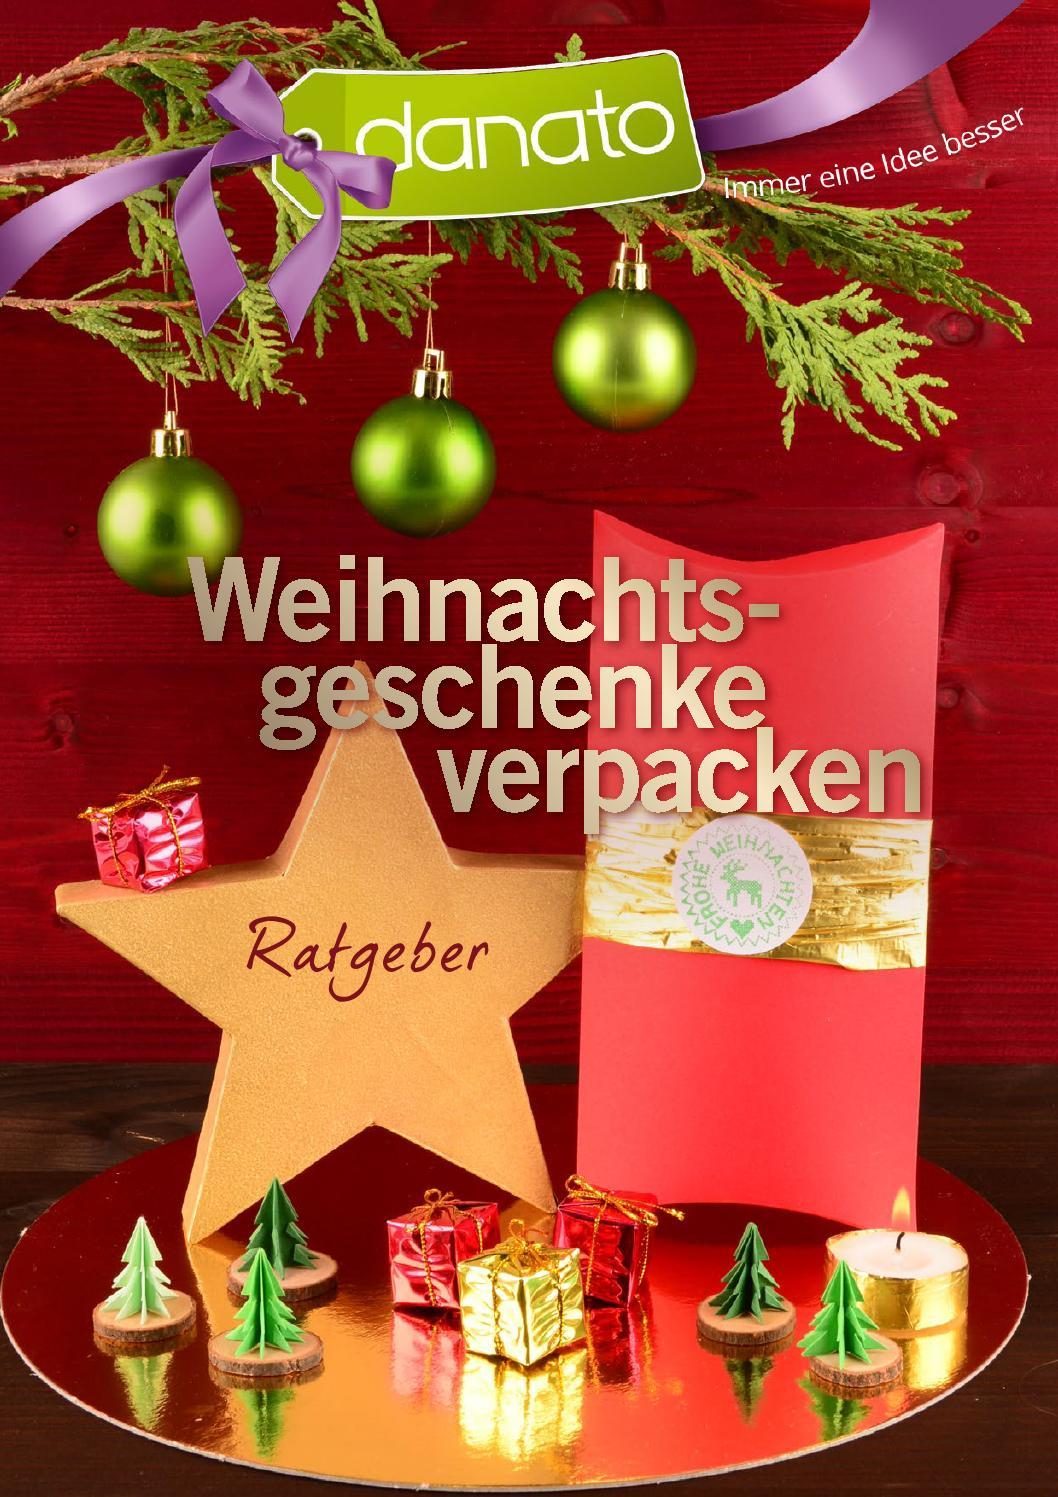 Danato Com Weihnachten.Weihnachtsgeschenke Verpacken Ratgeber Von Danato By Danato